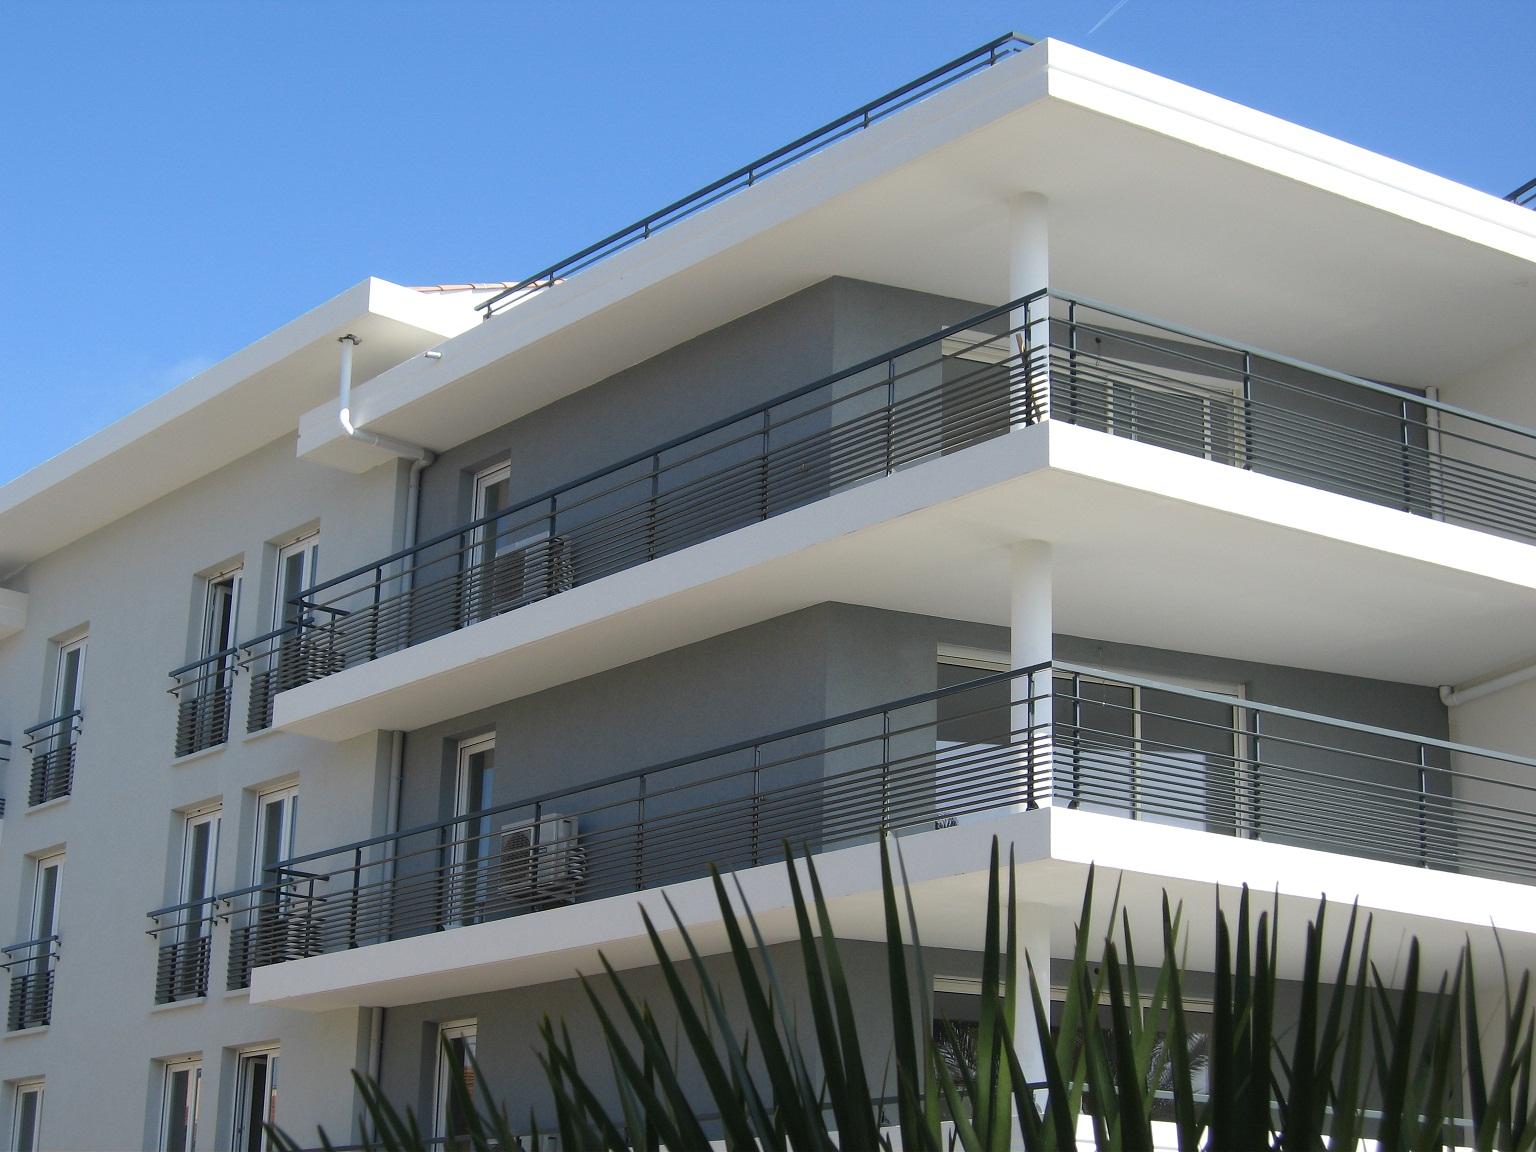 garde corps design fr jus saint rapha l home design. Black Bedroom Furniture Sets. Home Design Ideas